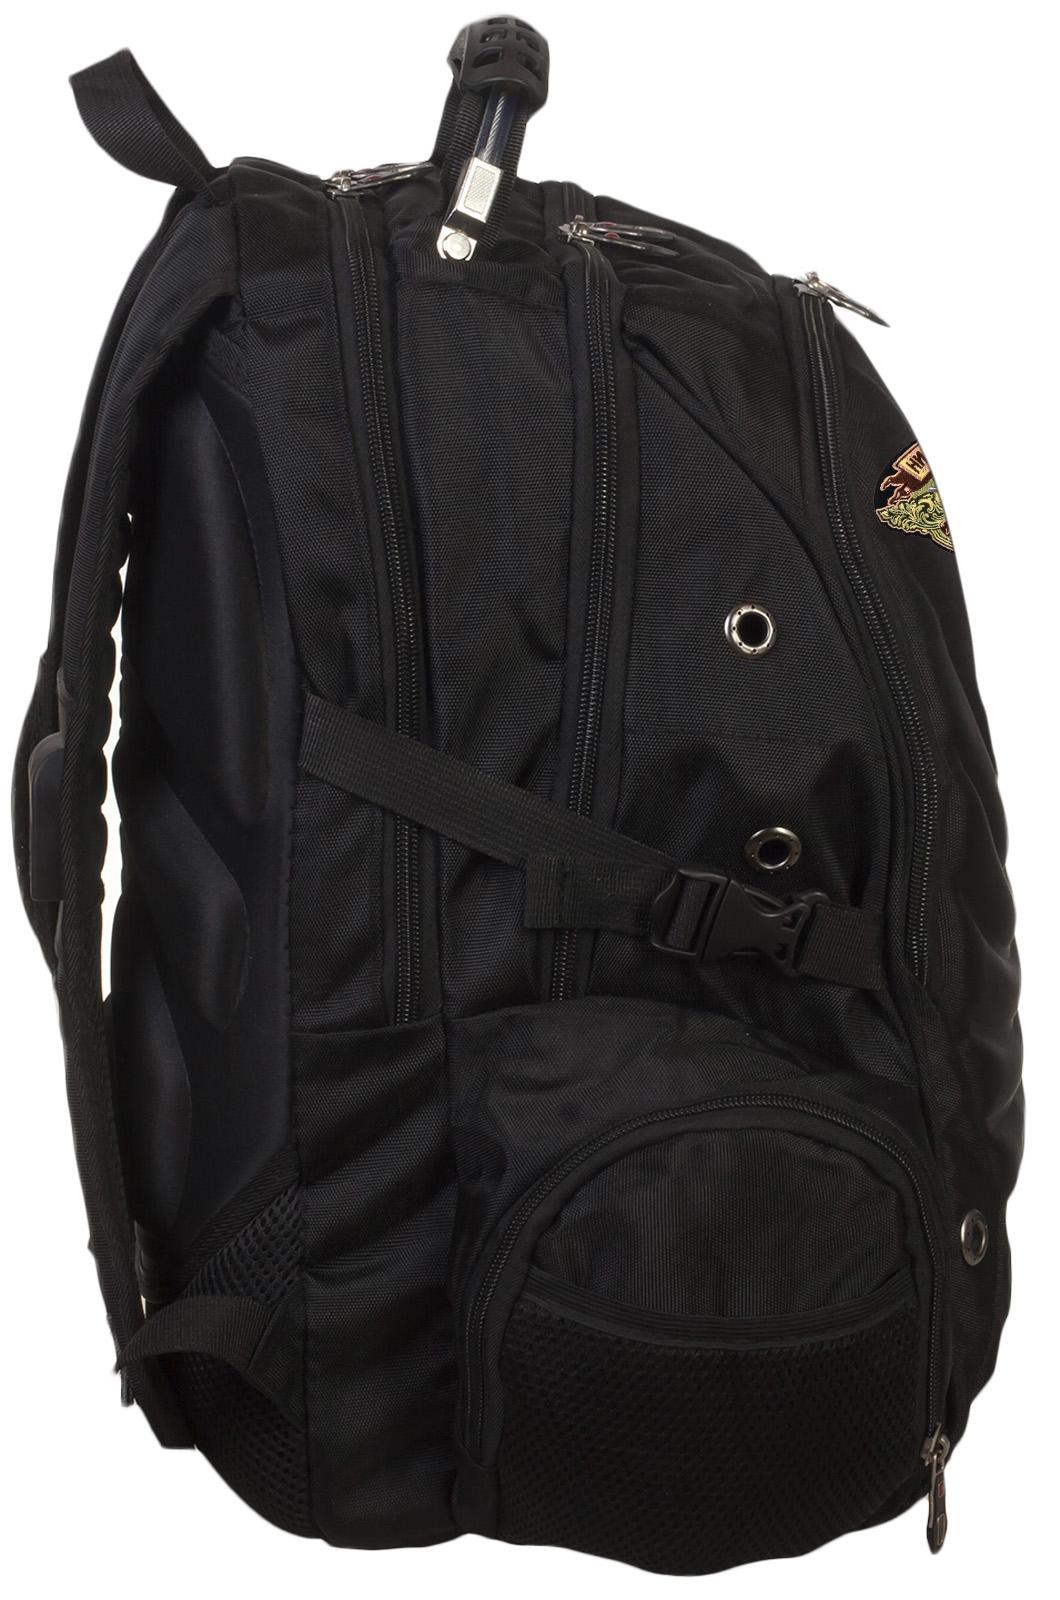 Топовый городской рюкзак с охотничьей нашивкой Ни пуха, ни пера! купить онлайн